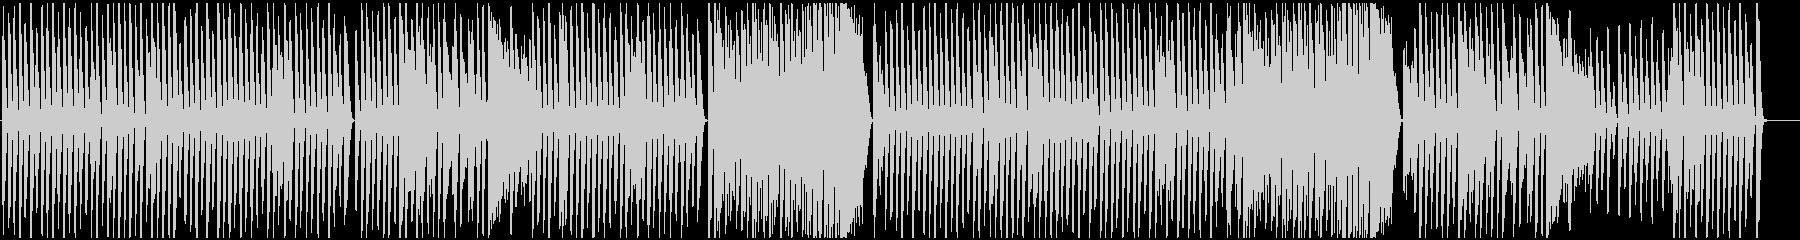 ピアノBGM ヘタうま、やみつき系の未再生の波形